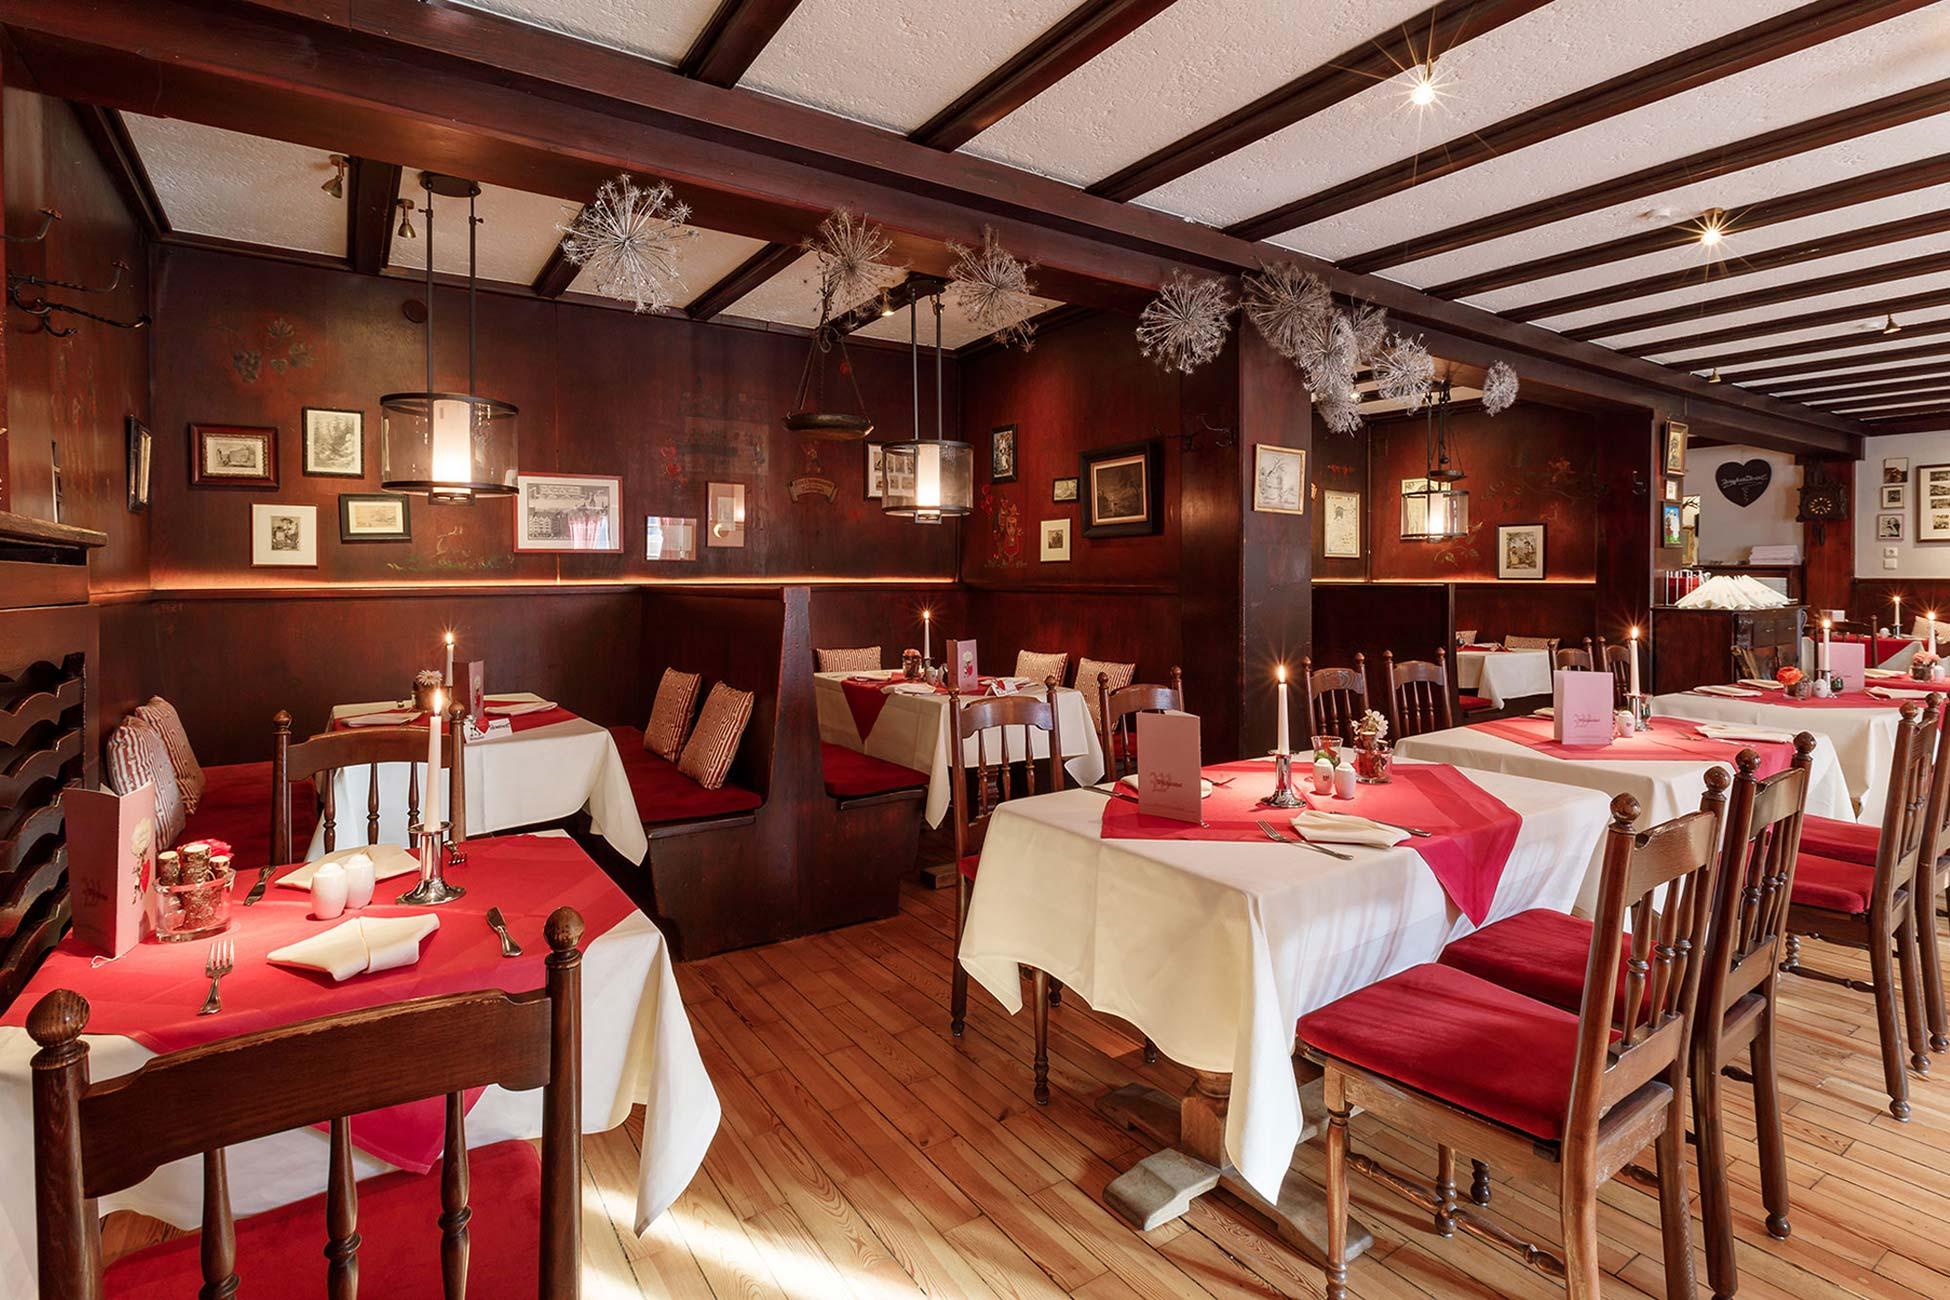 Reservierung Restaurant Weichandhof Munchen